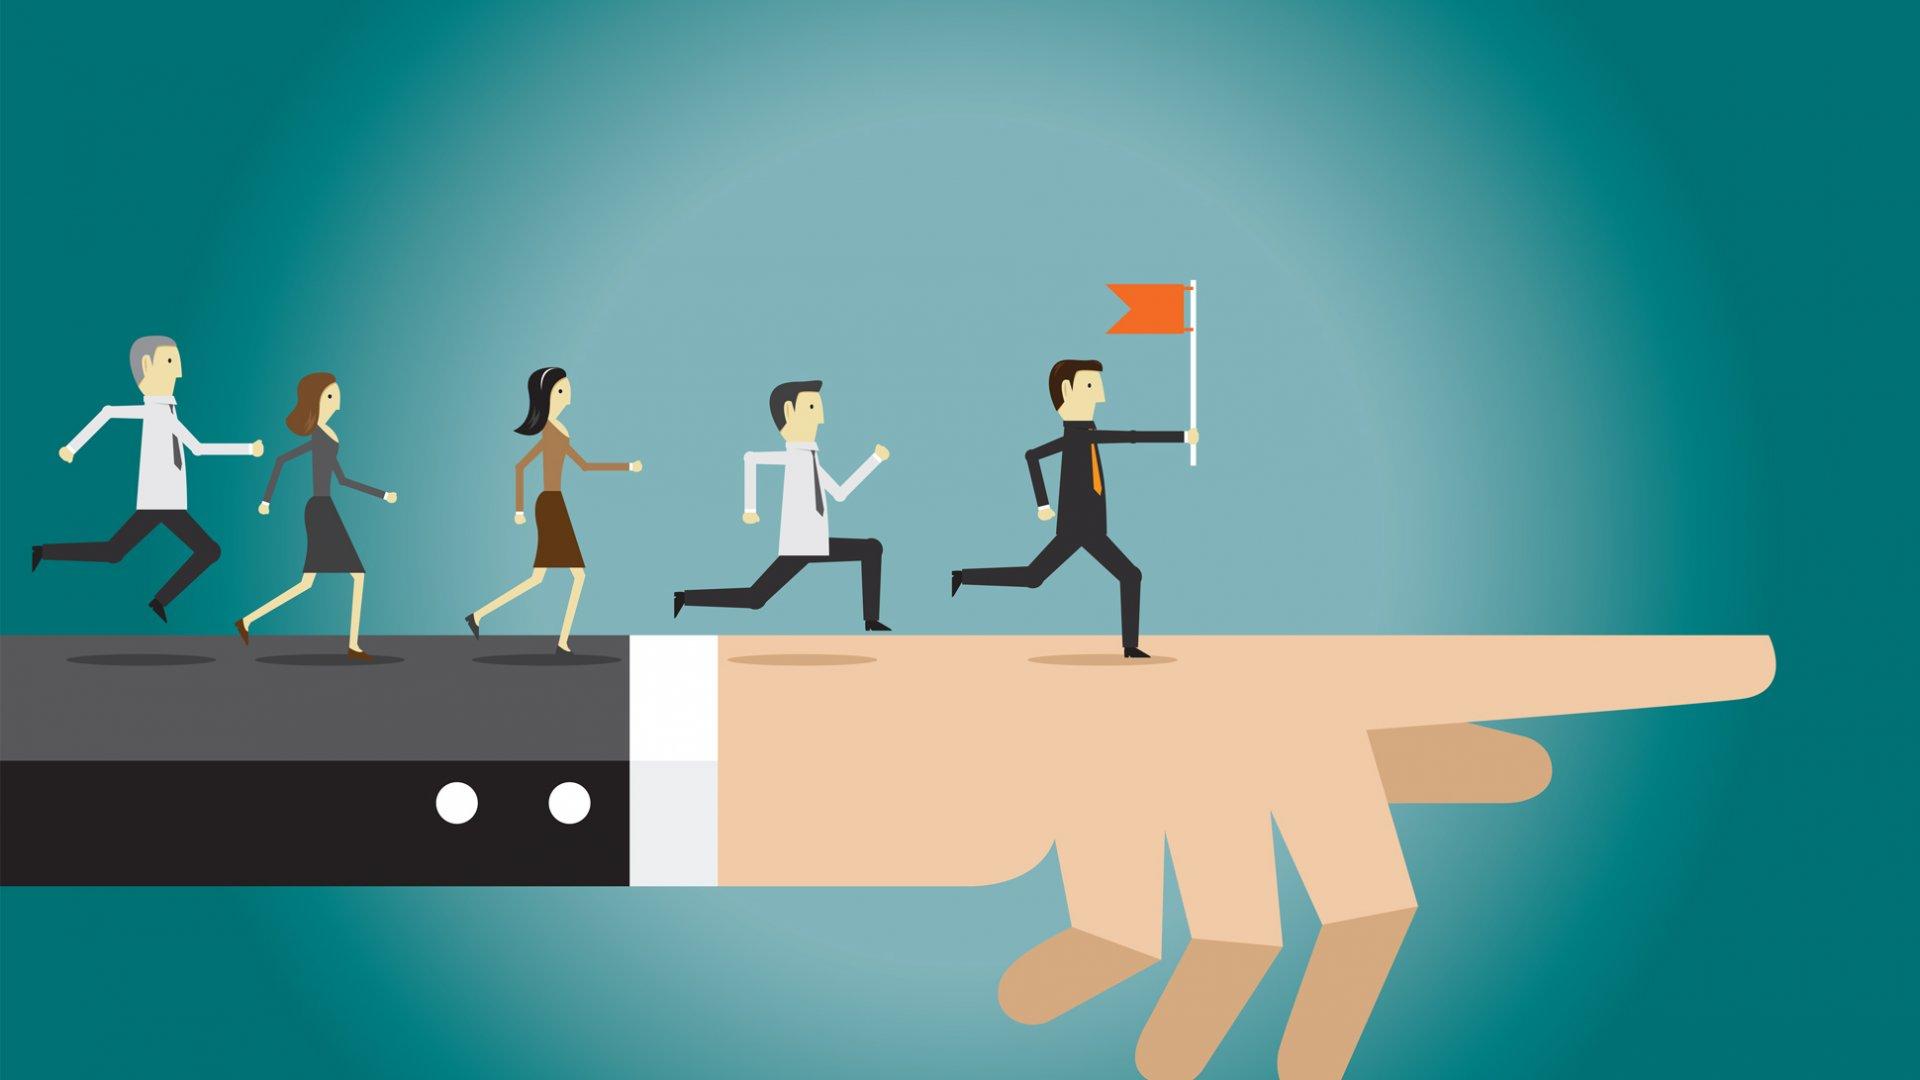 در این مطلب به شما اطلاعاتی درباره فواید حضور مدیرعامل در کنار تیم ، لزوم مشارکت مدیر عامل با تیم اجرایی، هدایت کسب و کار و افزایش بهره وری شغلی میدهیم.